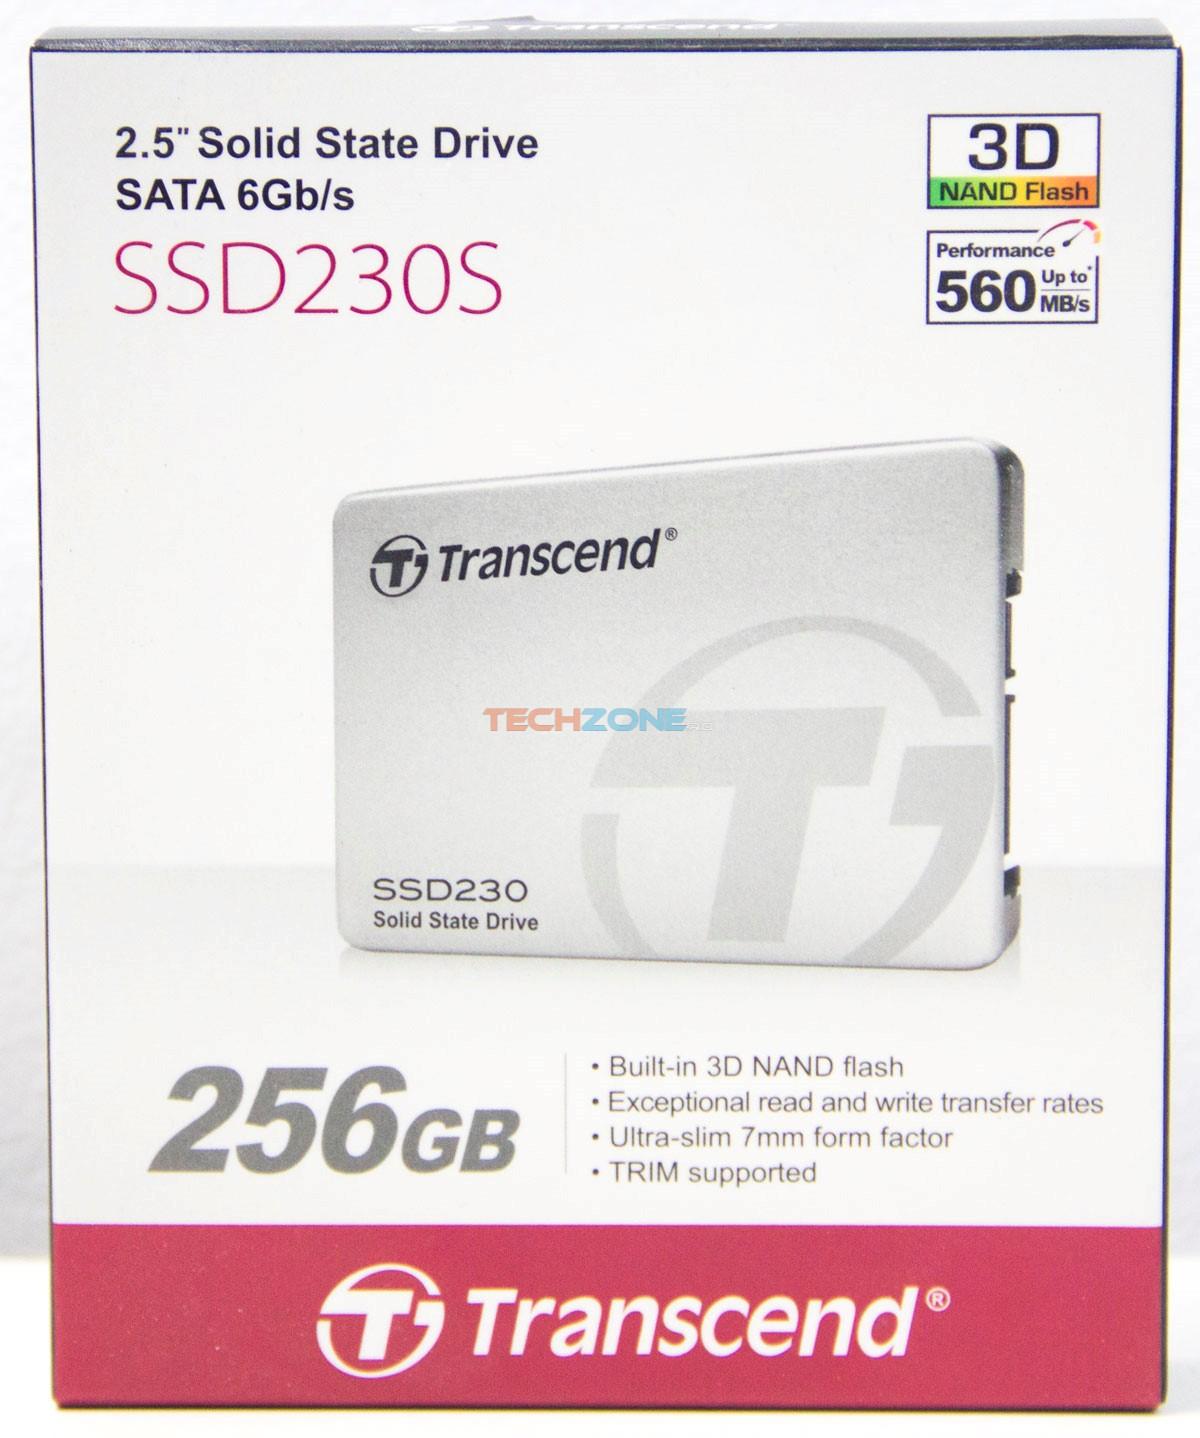 Transcend SSD230S box